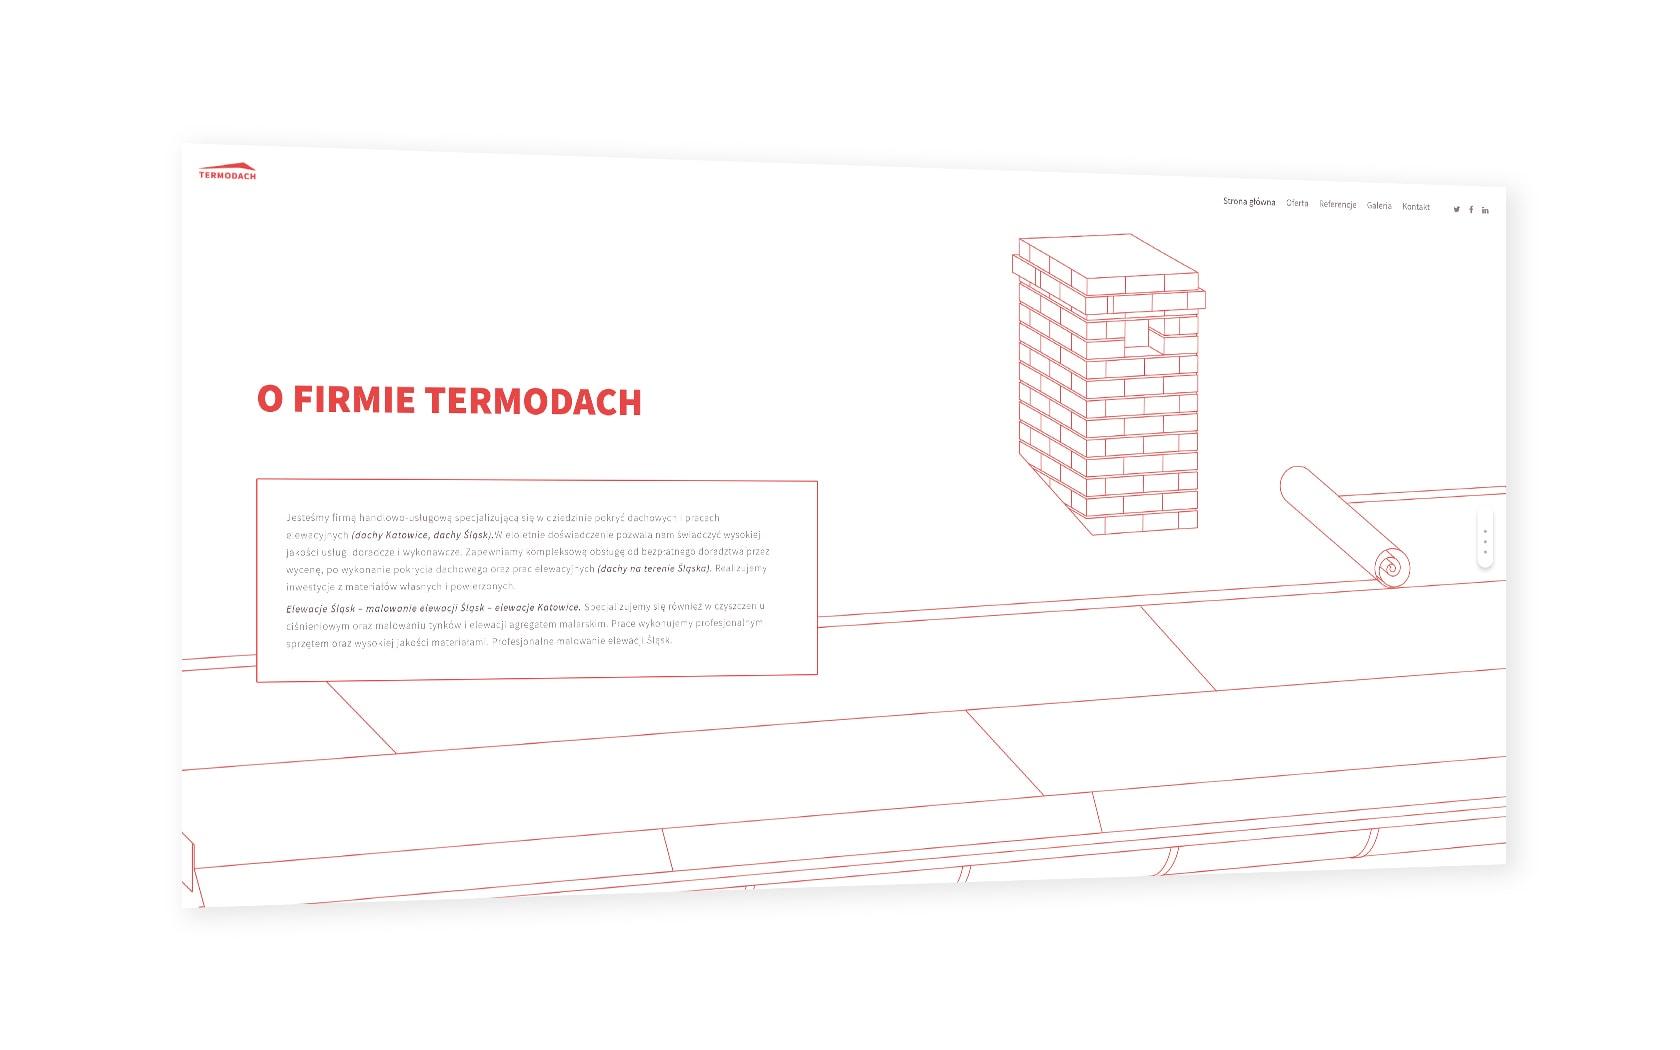 t1 min - TERMODACH